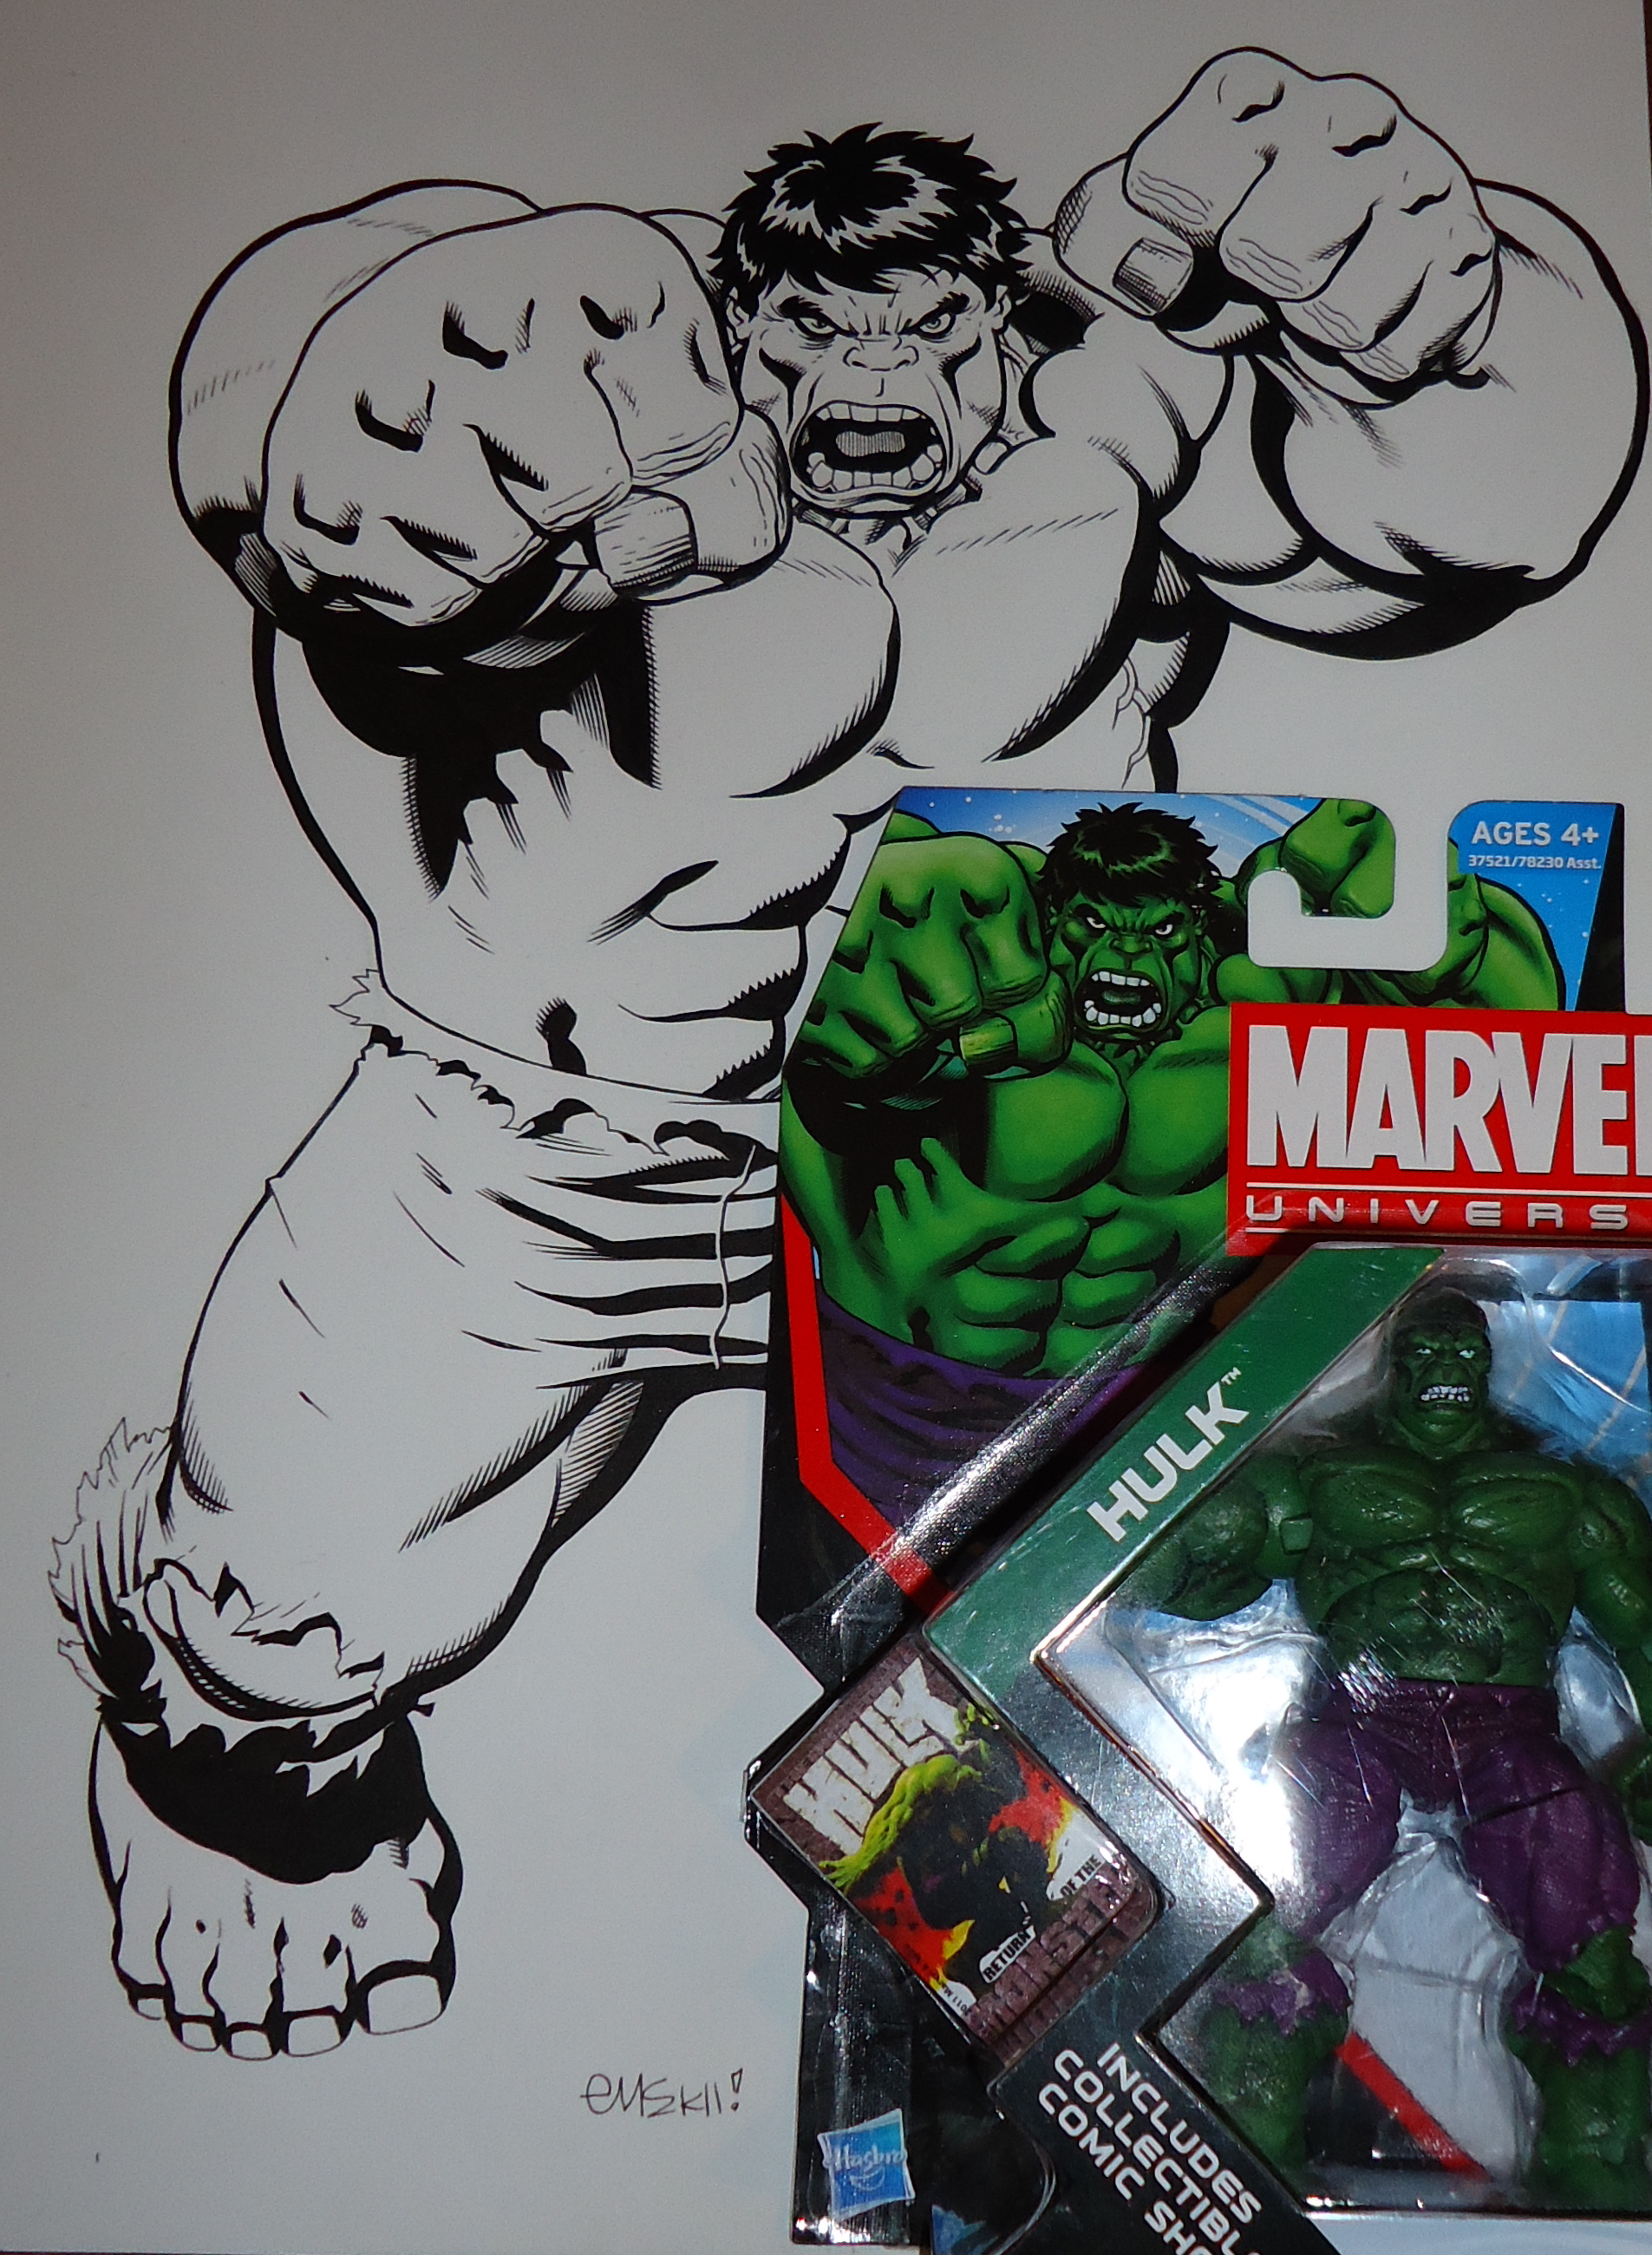 Ed McGuinness Packaging Artwork For Hasbro Marvel Universe